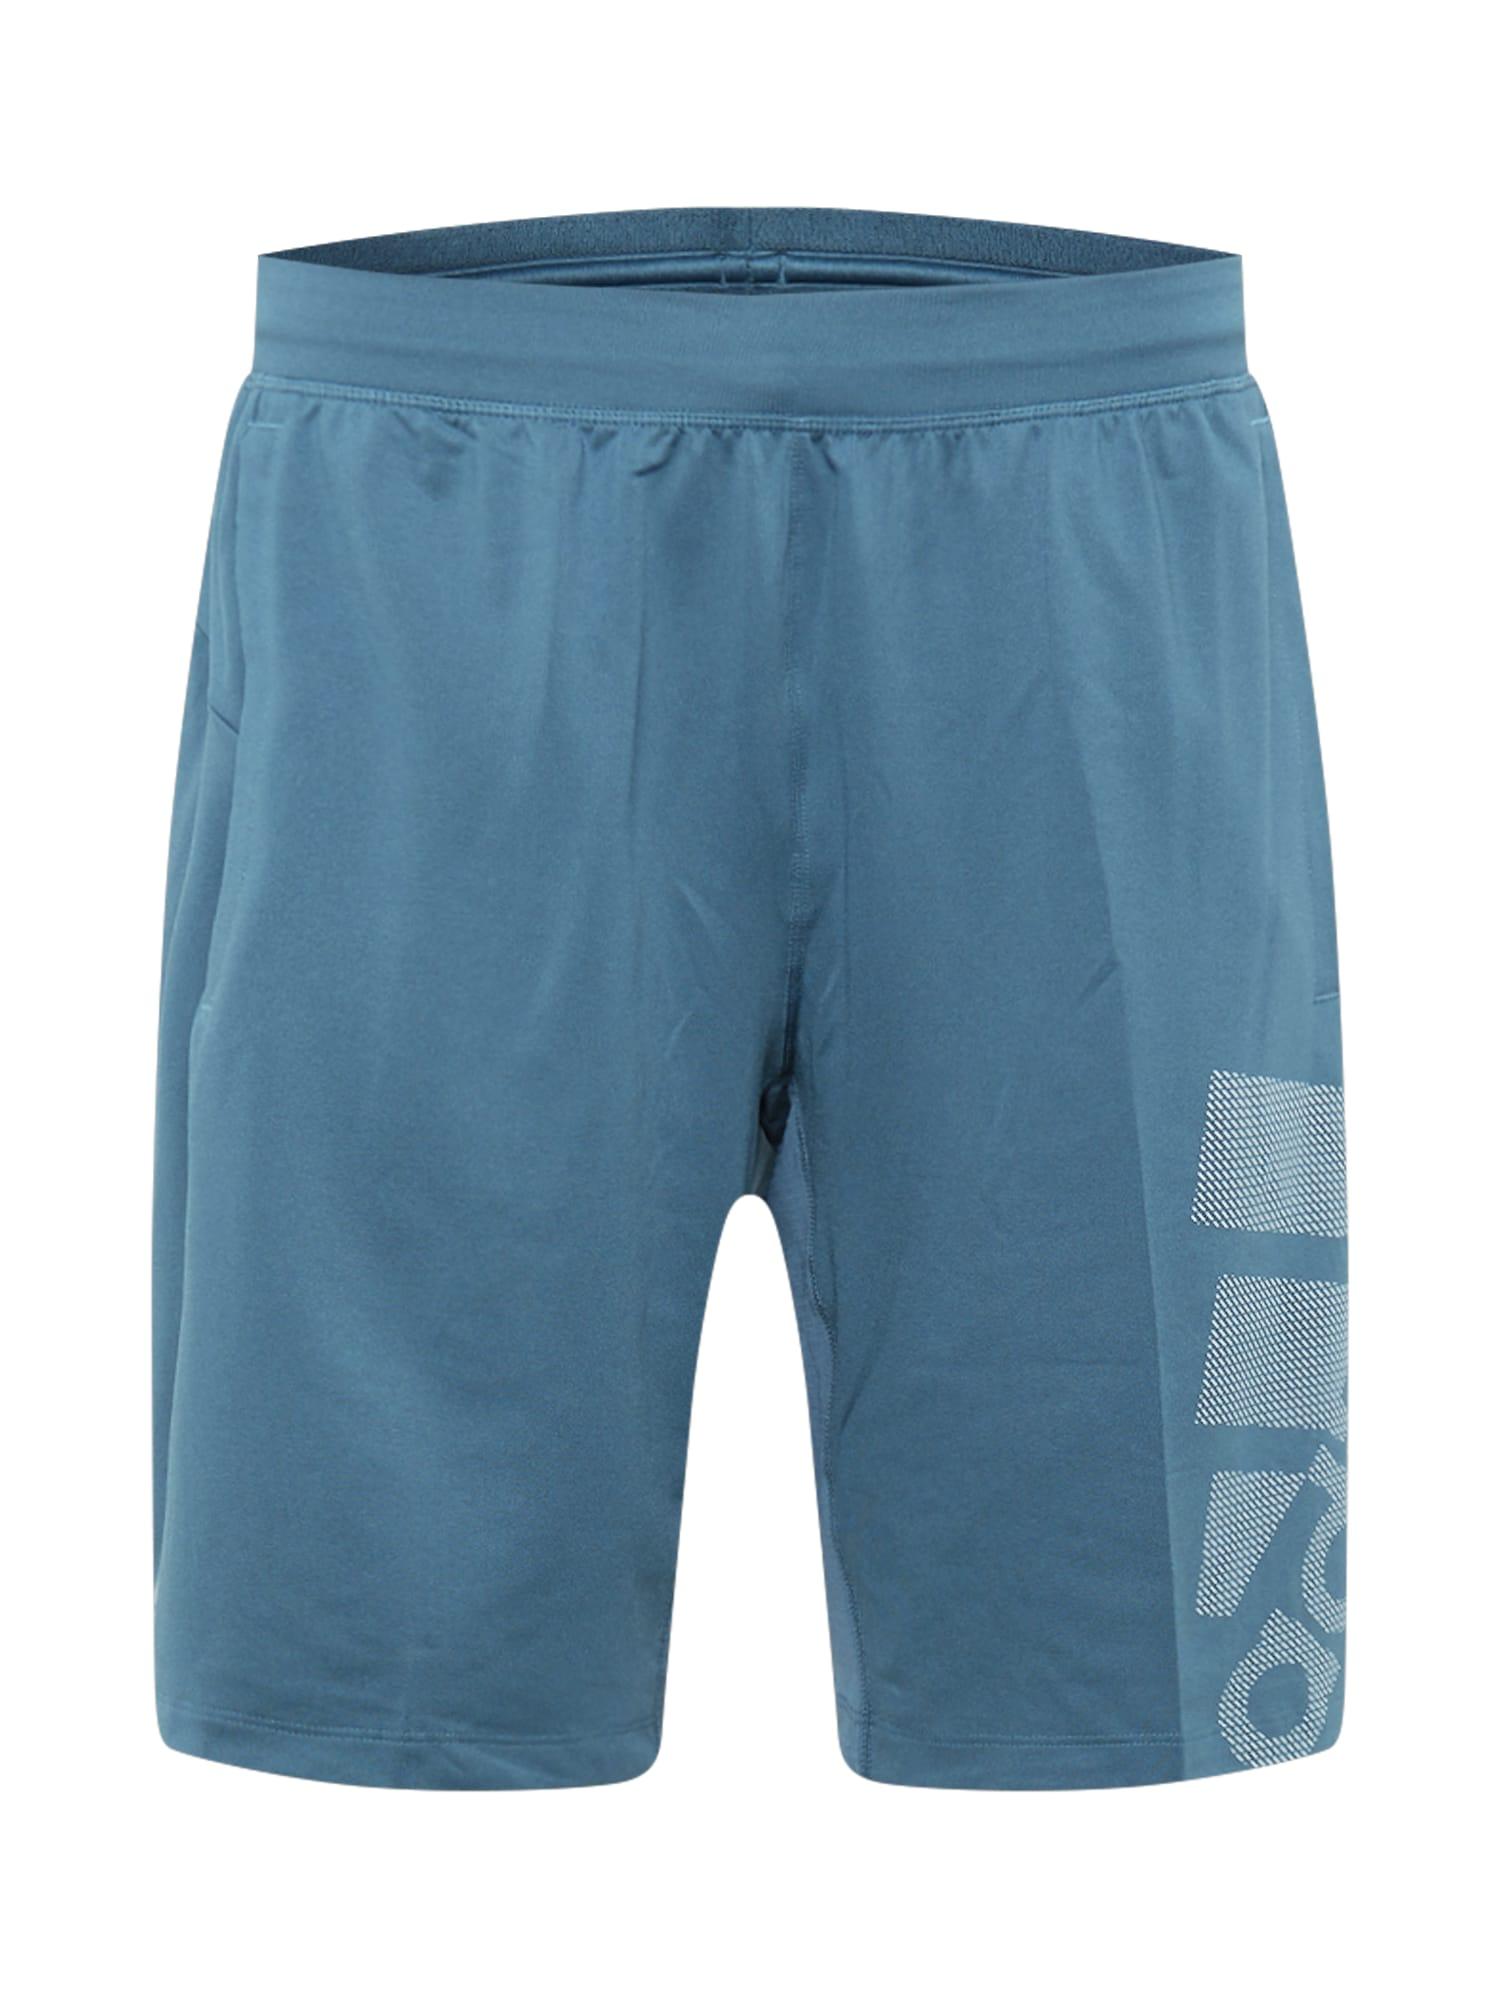 ADIDAS PERFORMANCE Sportinės kelnės mėlyna dūmų spalva / balta